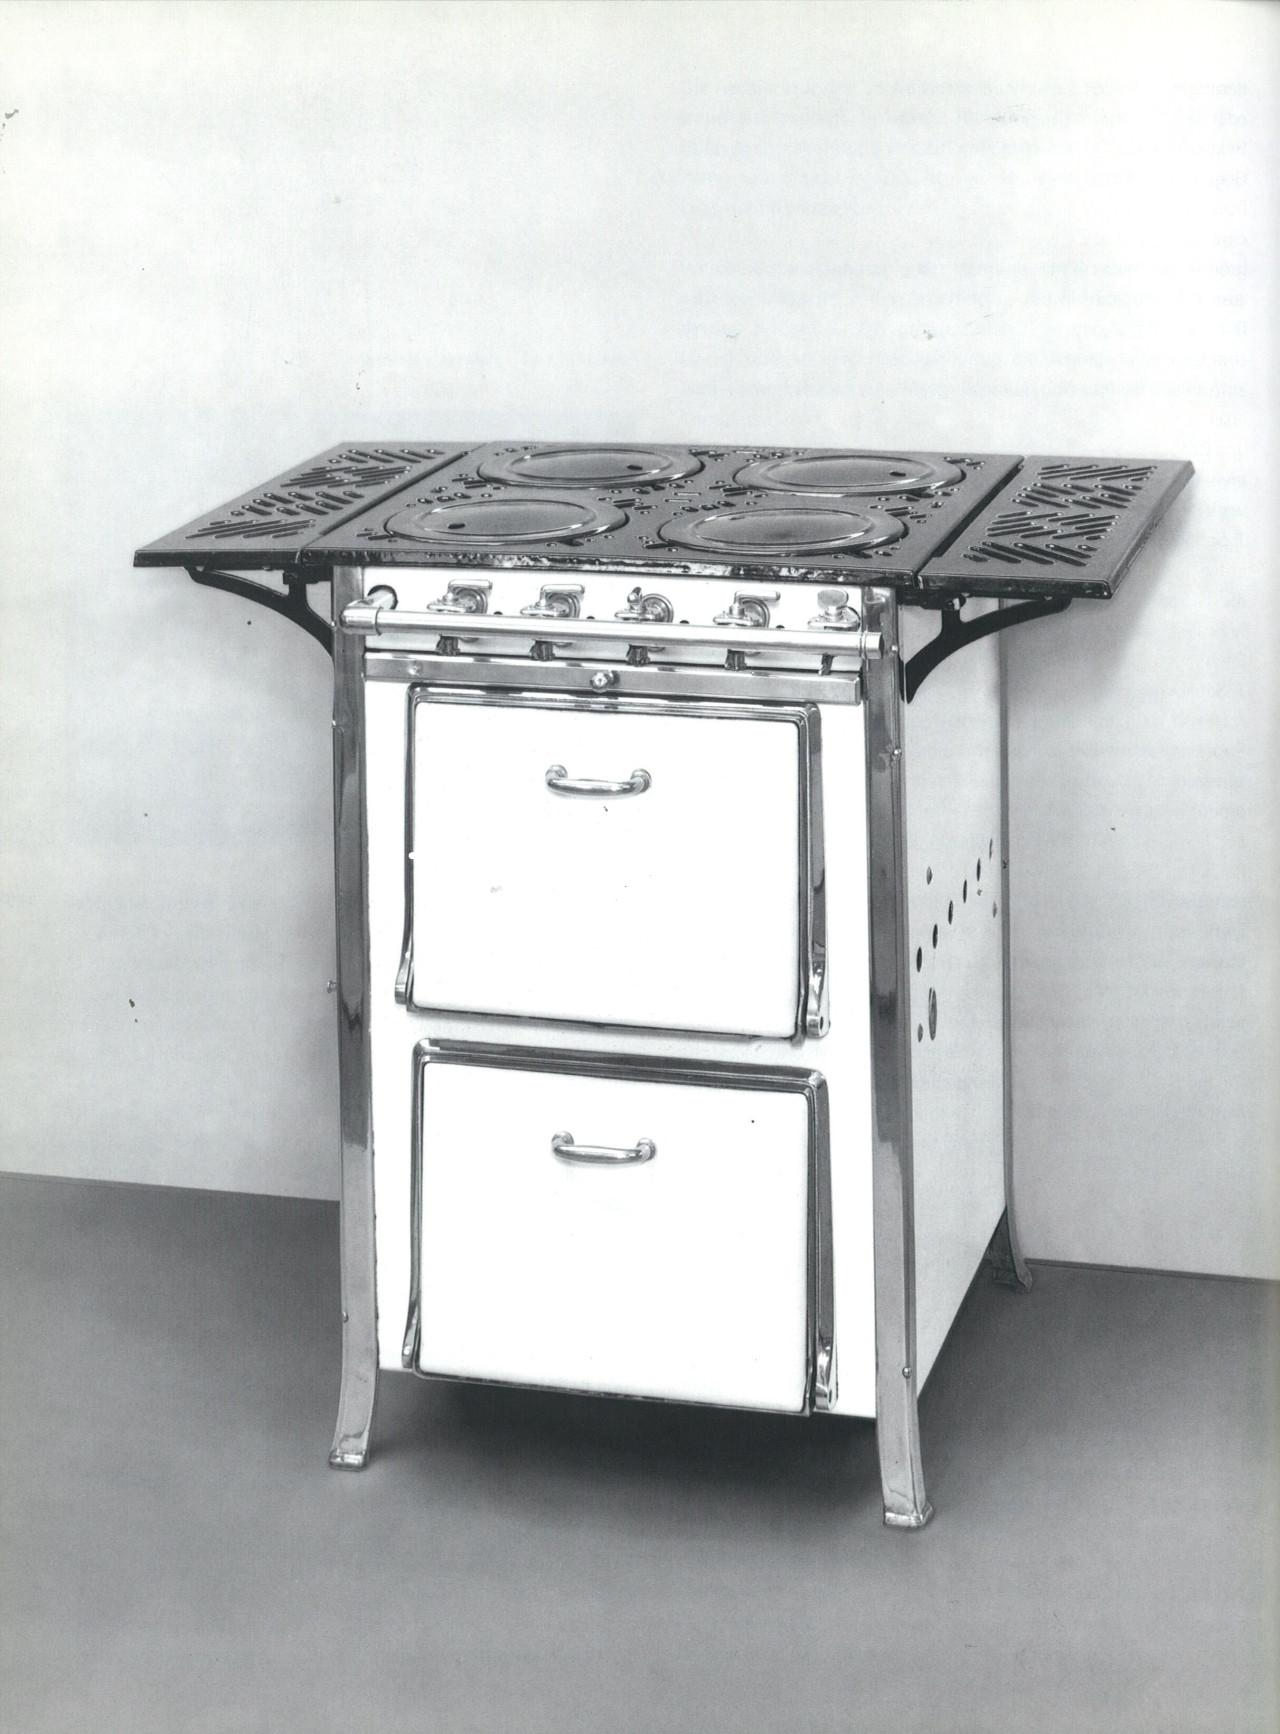 History of amk amk arbeitsgemeinschaft die moderne küche e v